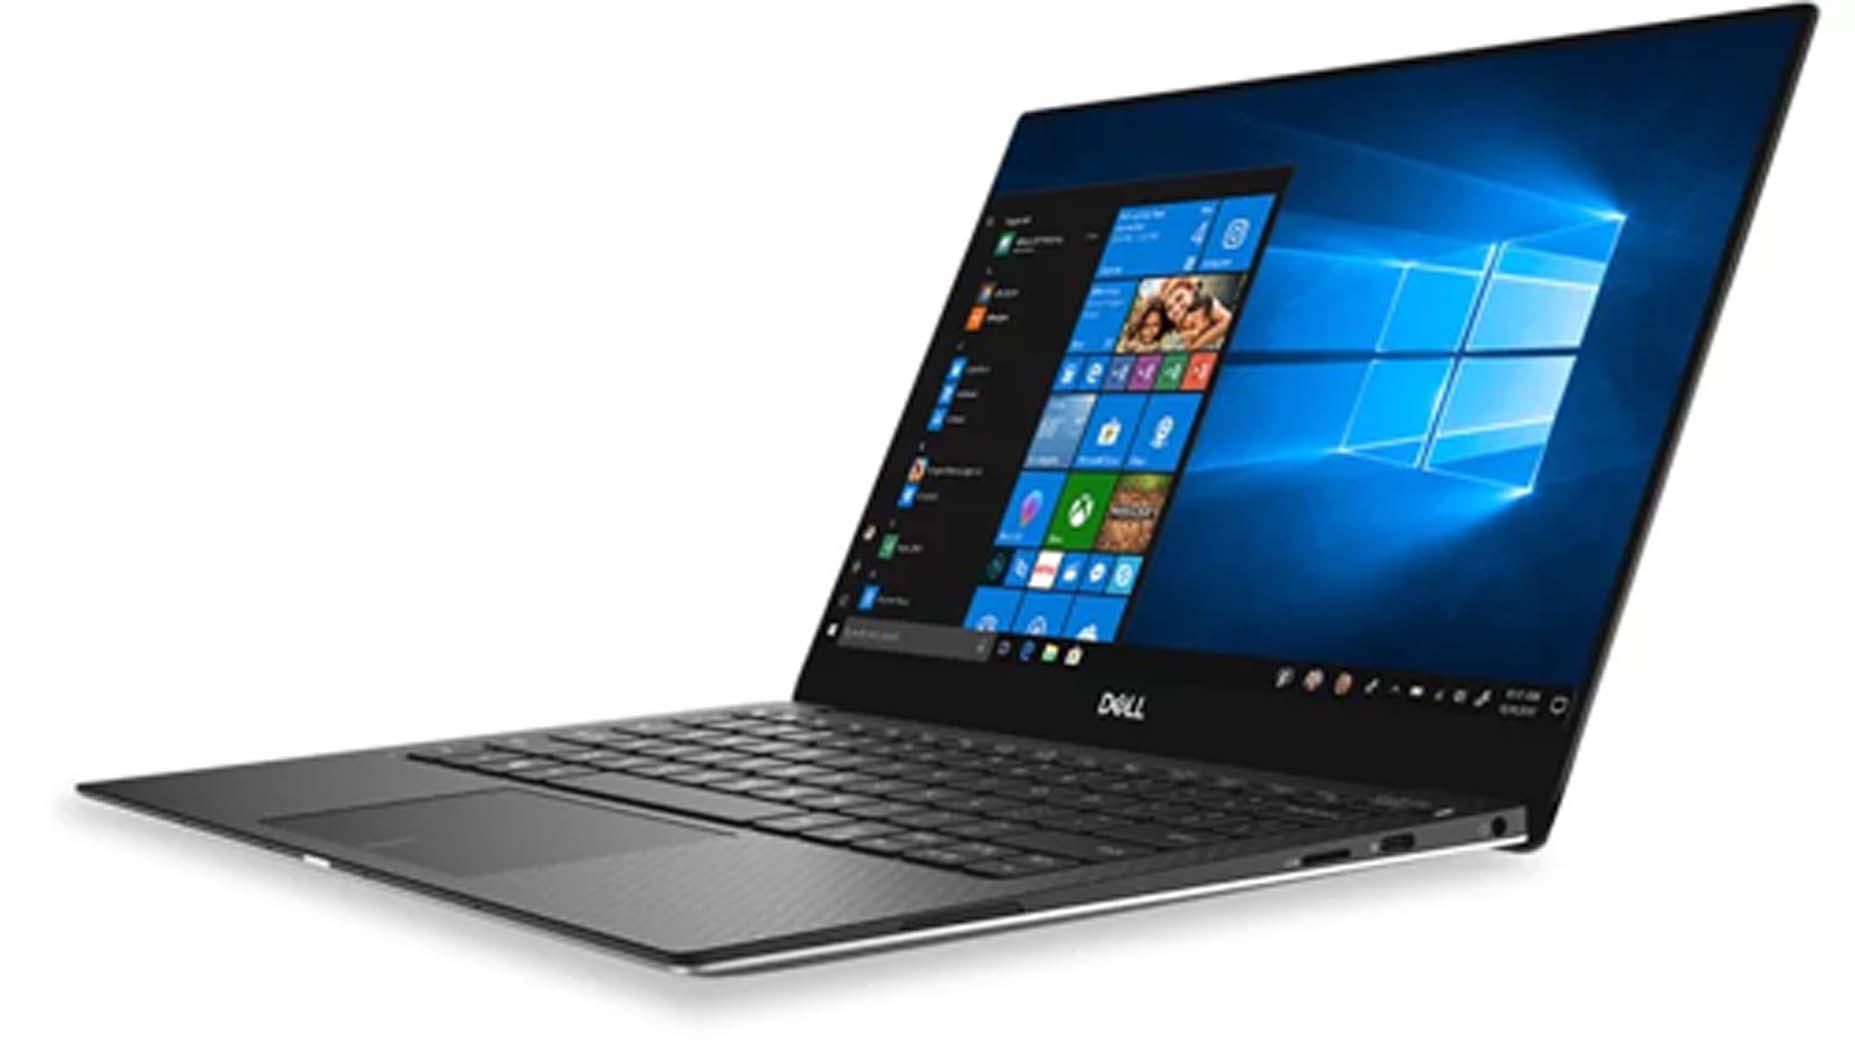 Harga Jual Laptop Dell XPS 13 (9370) Intel Core i7-8550U